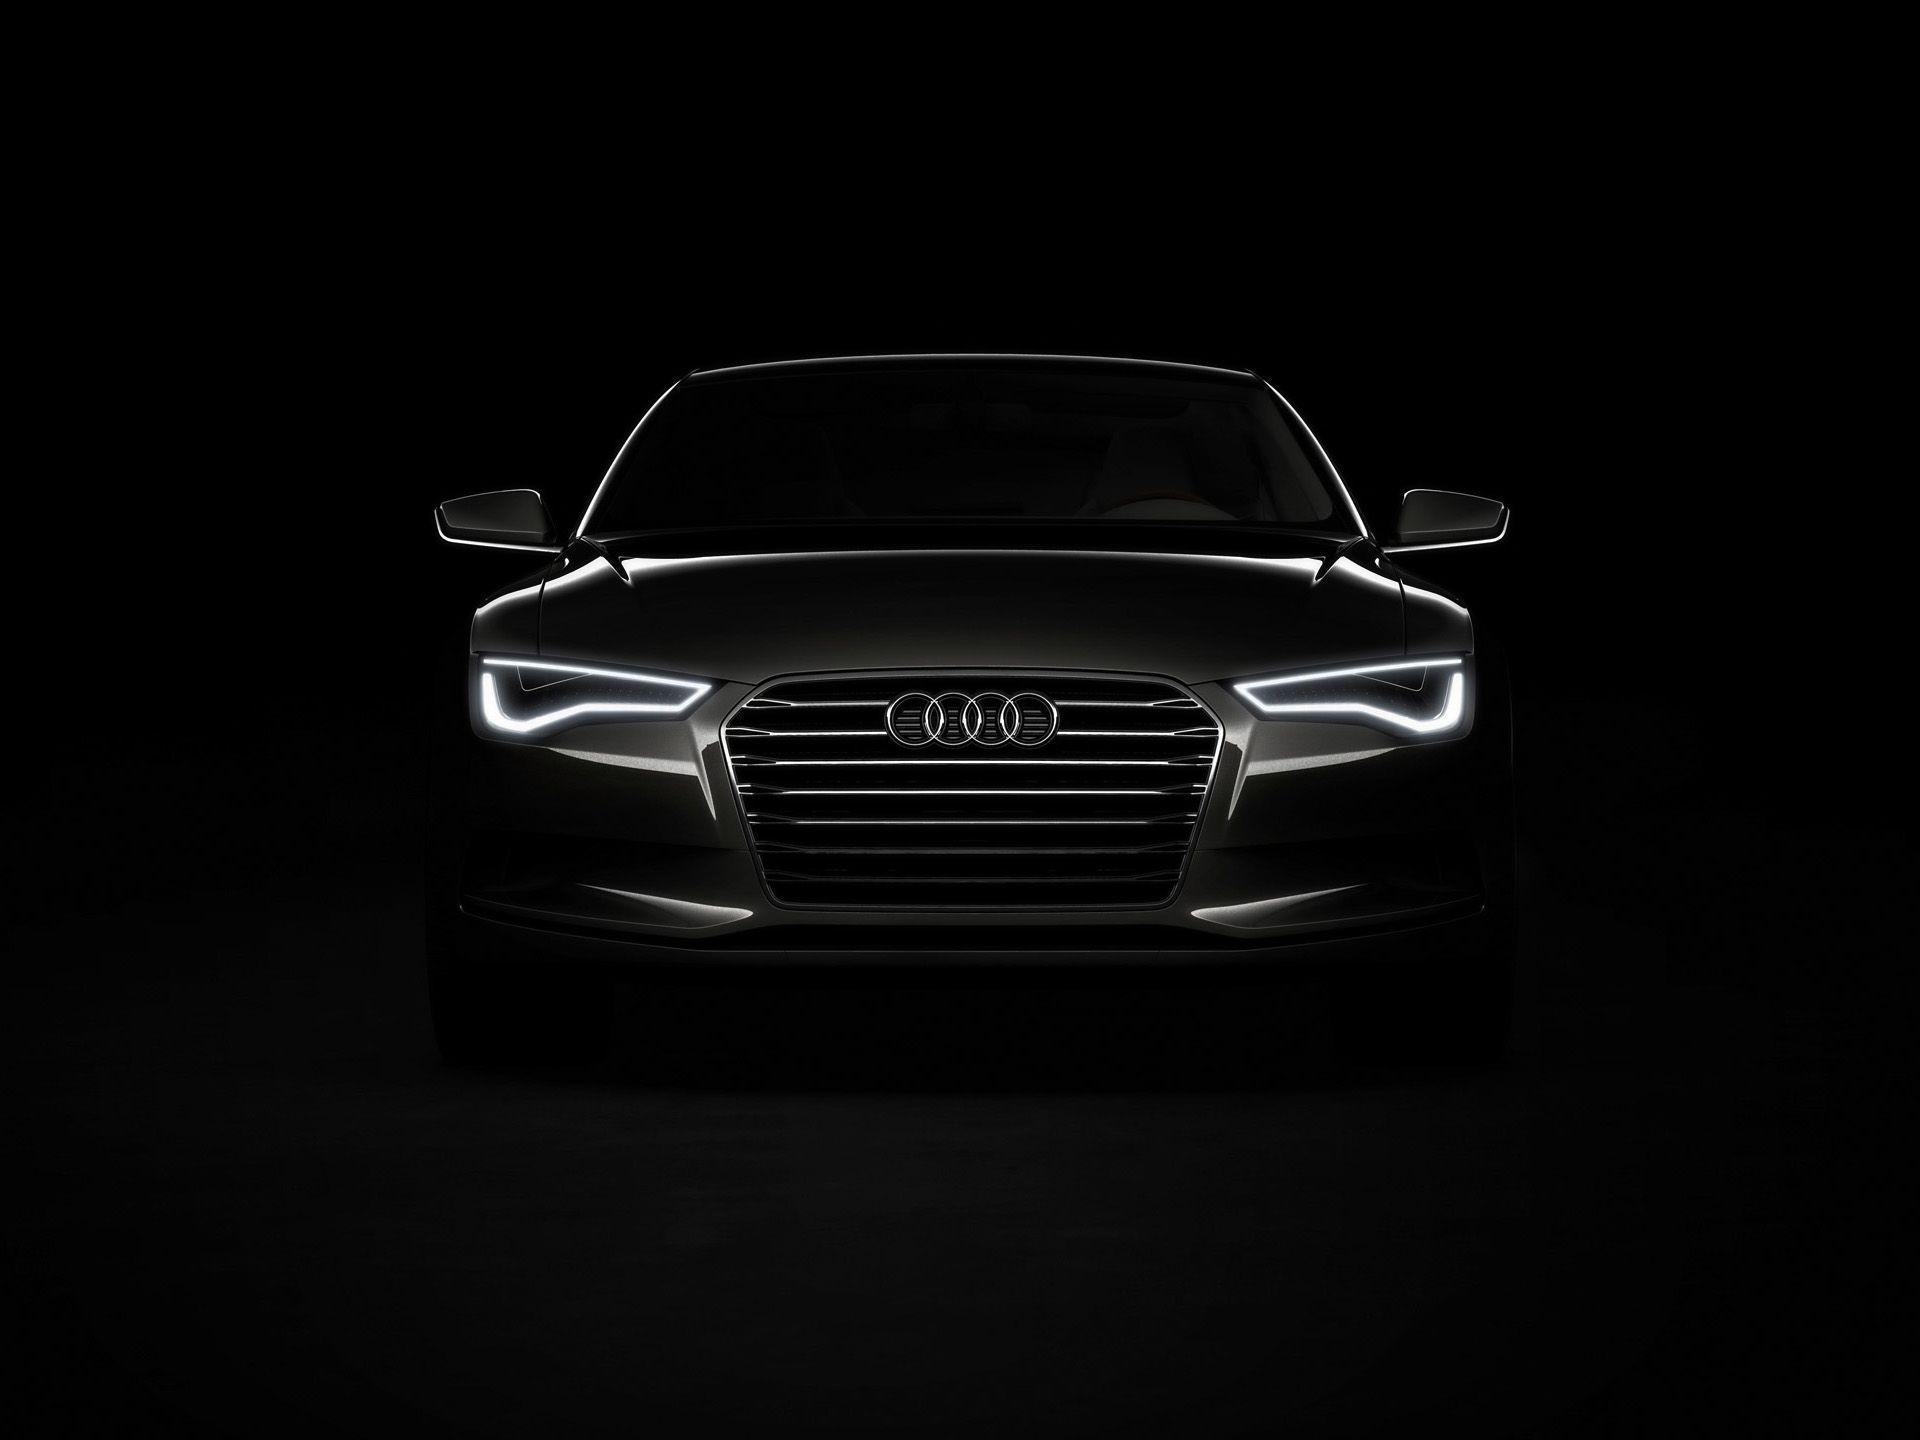 Audi A4 Wallpapers Wallpaper Cave